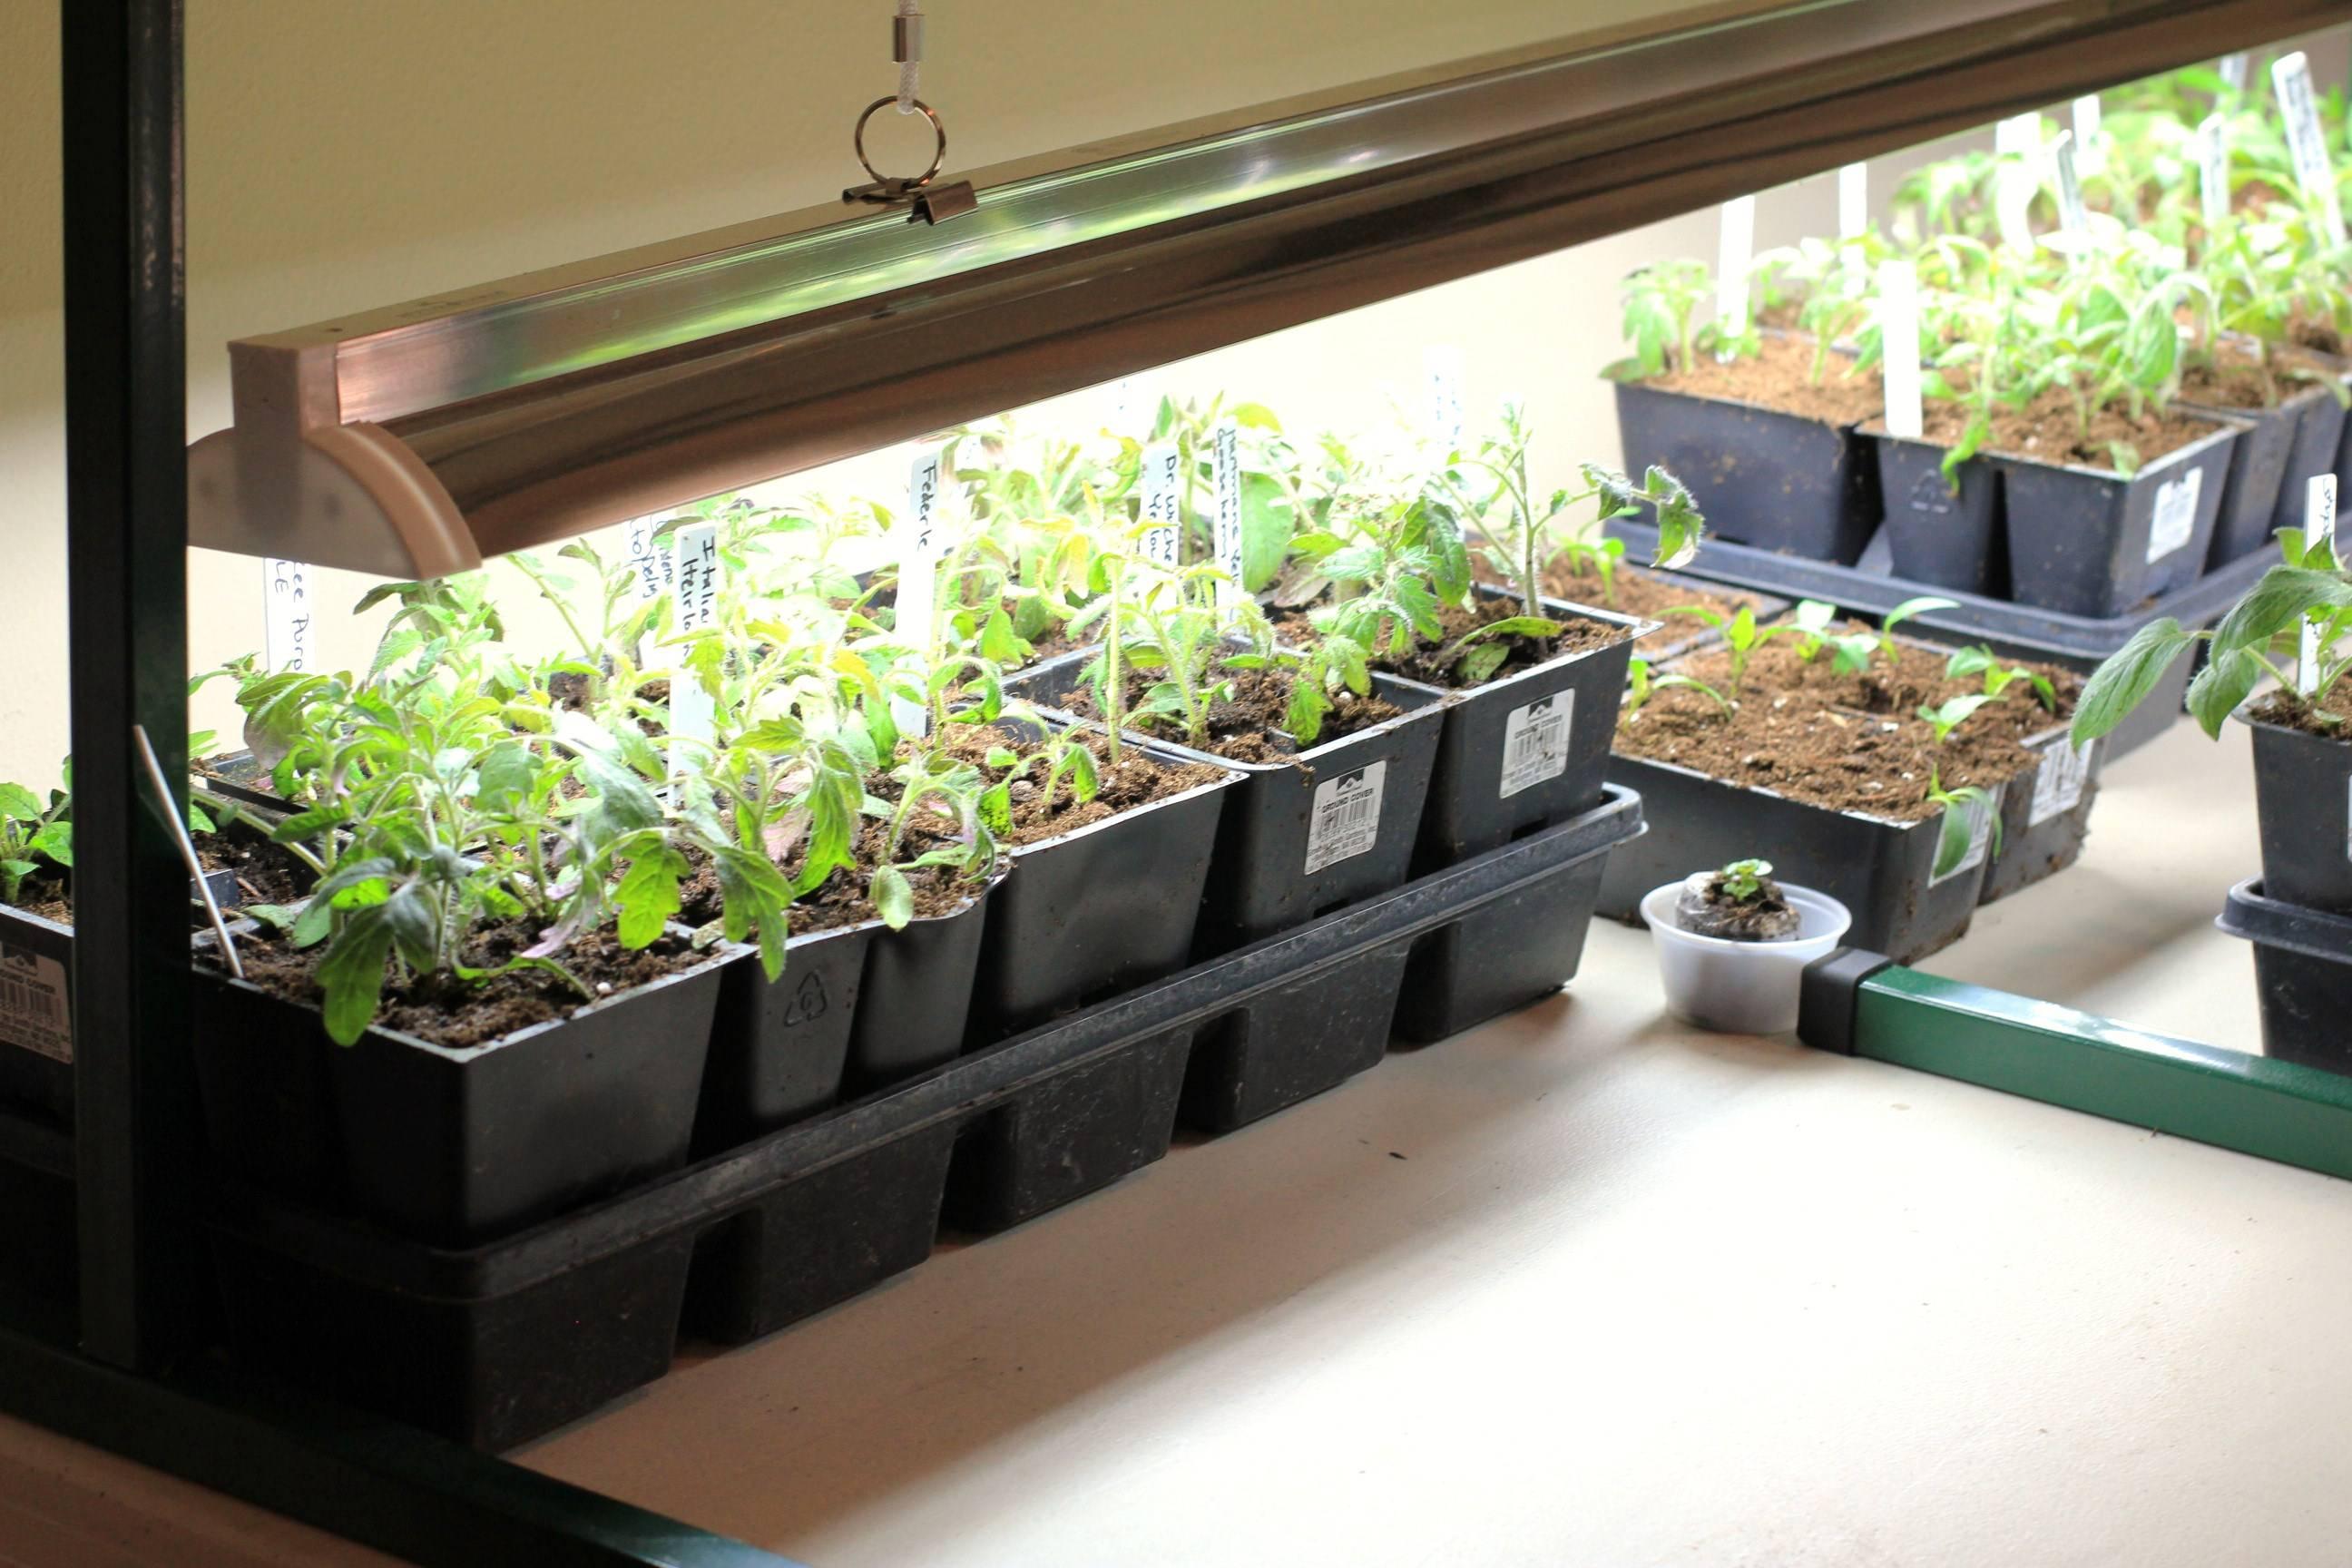 Как вырастить рассаду помидоров в домашних условиях: способы от привычных до экзотических